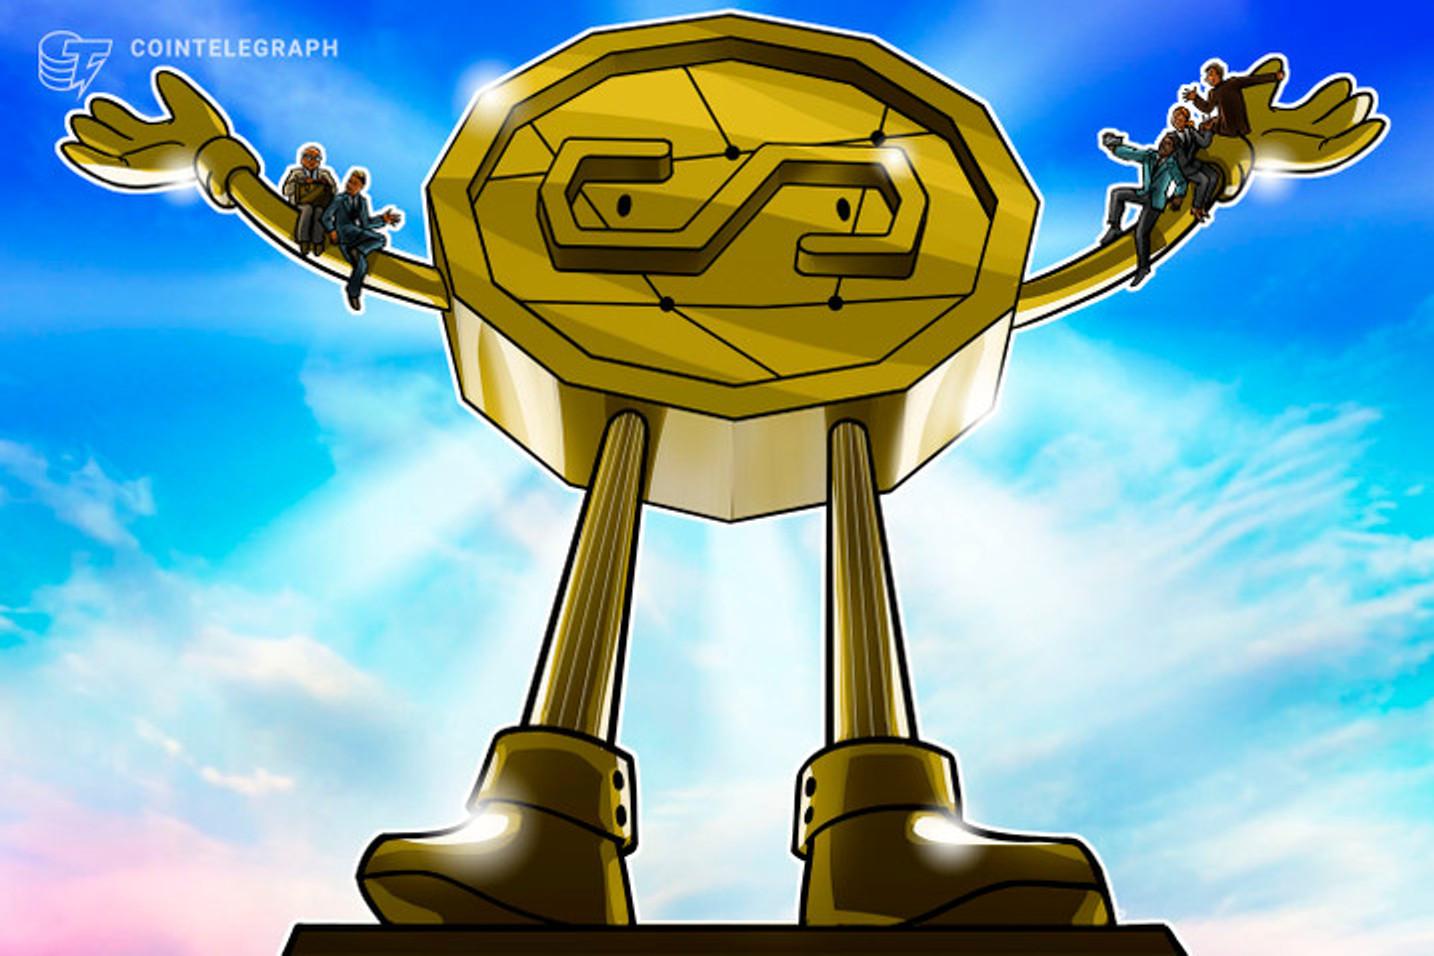 Melhor da Semana: Bitcoin vacila com notícias da China; Twitter lança gorjetas em Bitcoin e BTG Pactual abraça criptomoedas